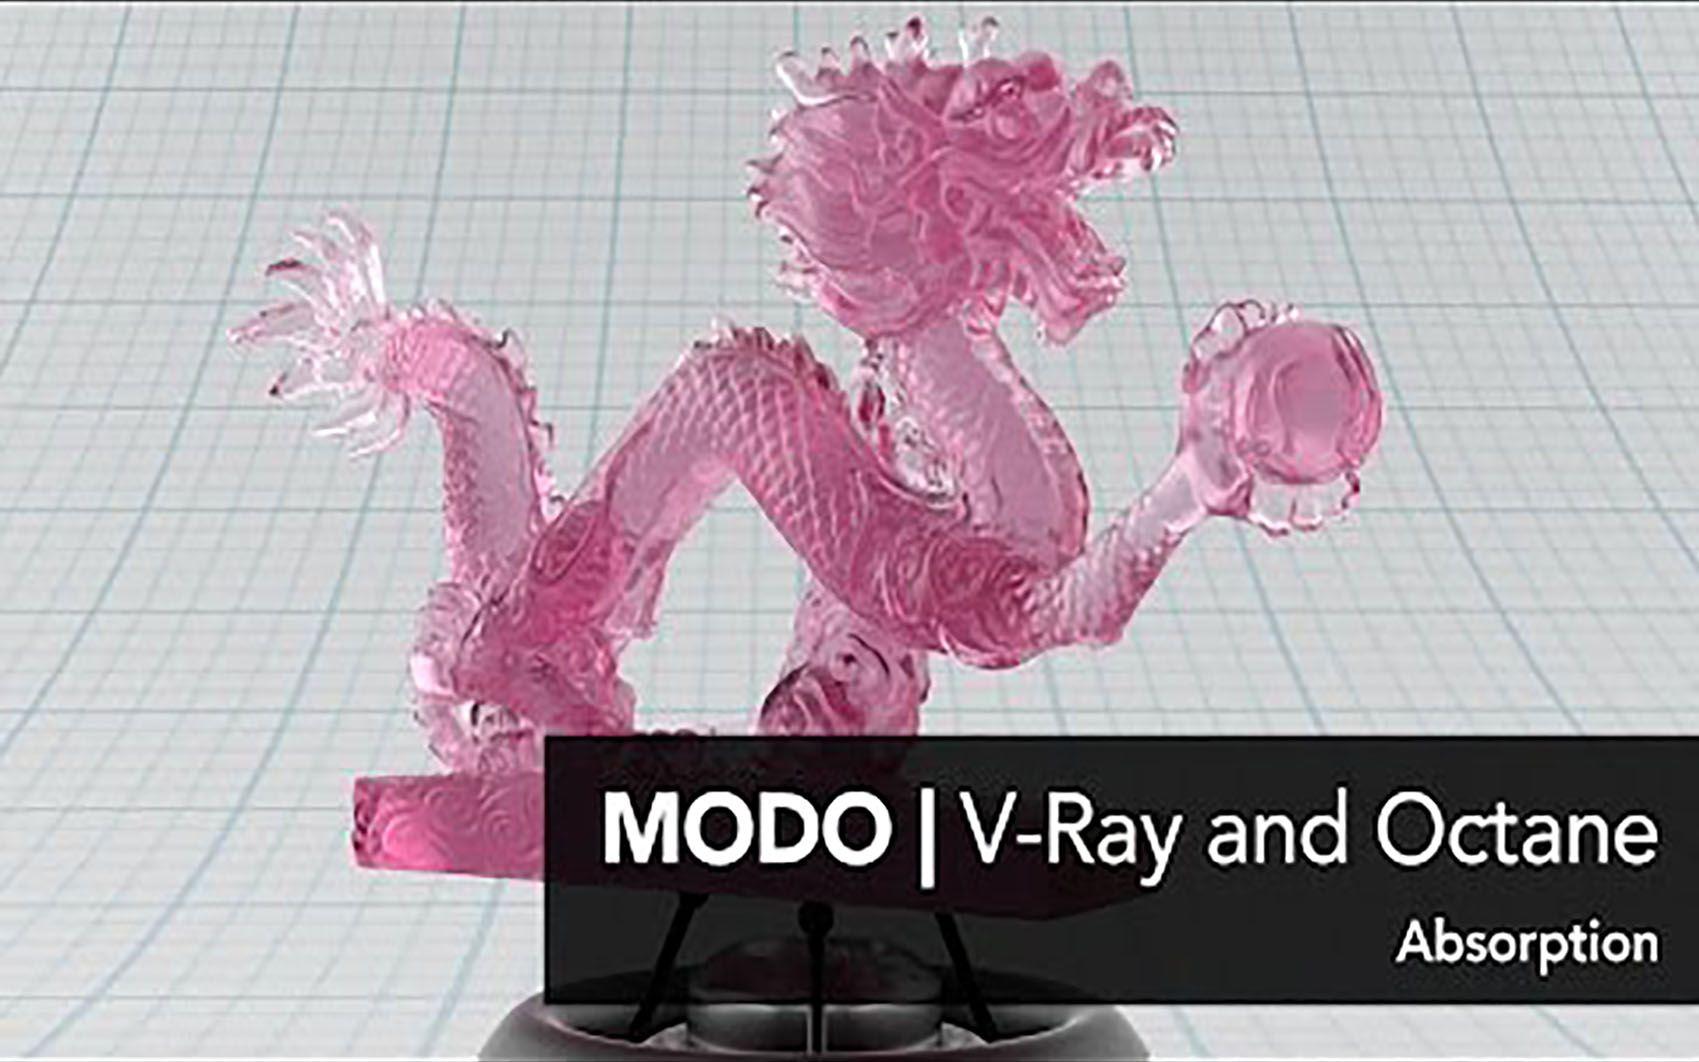 MODO中使用V-Ray和Octane渲染器(三)吸收光_哔哩哔哩 (゜-゜)つロ 干杯~-bilibili